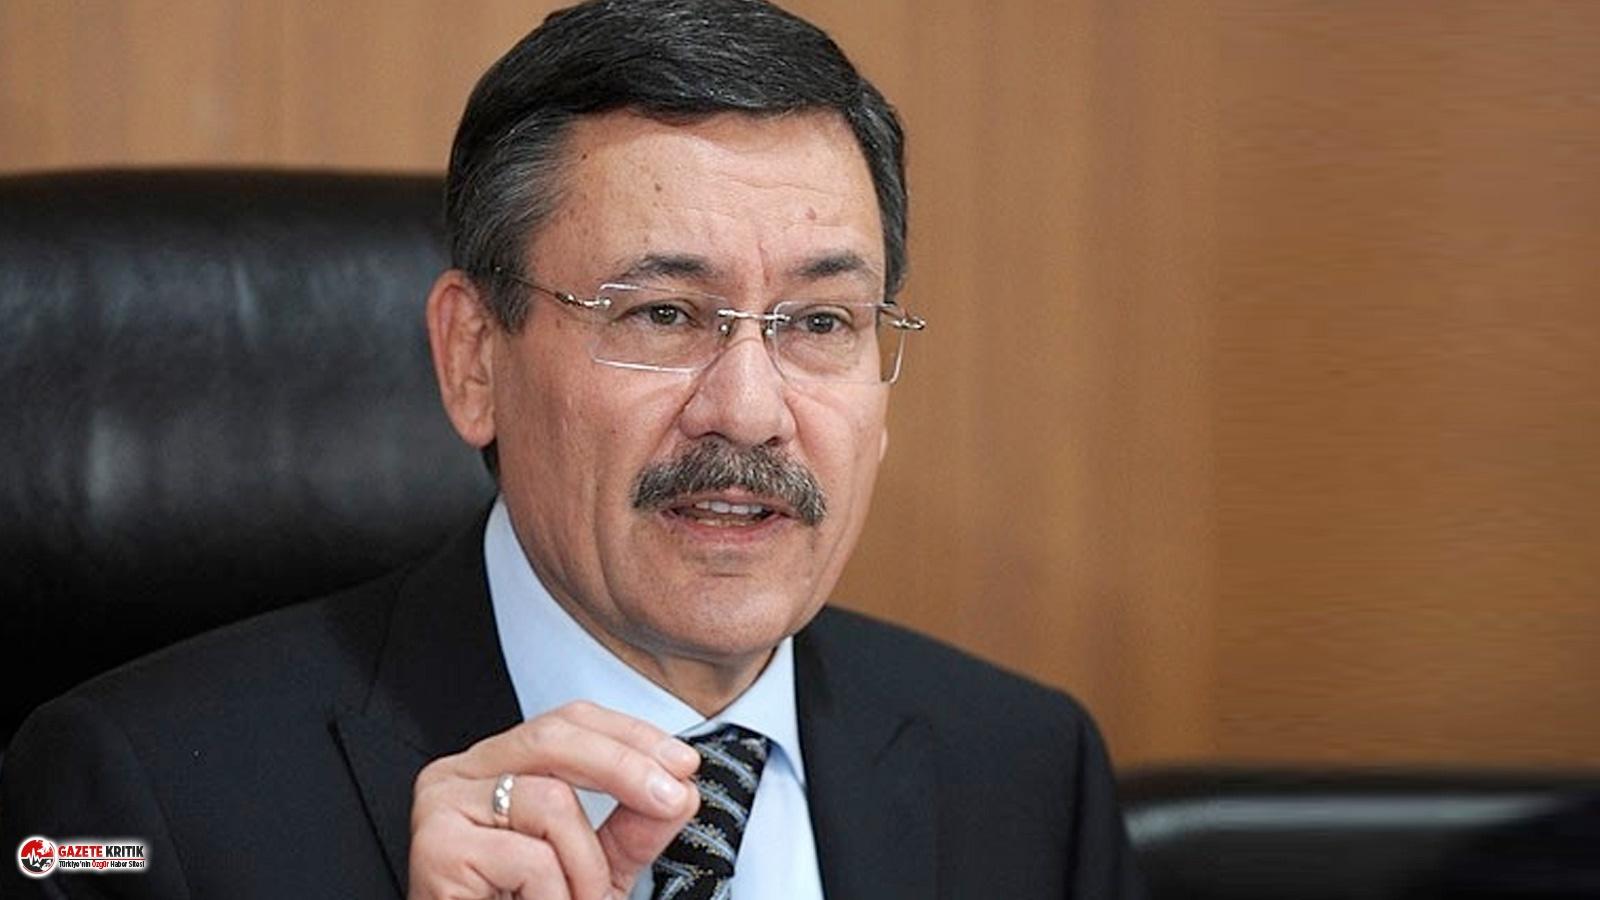 Ankara Büyükşehir Belediyesi'nden FETÖ gerekçesiyle Melih Gökçek ve 6 kişi hakkında suç duyurusu